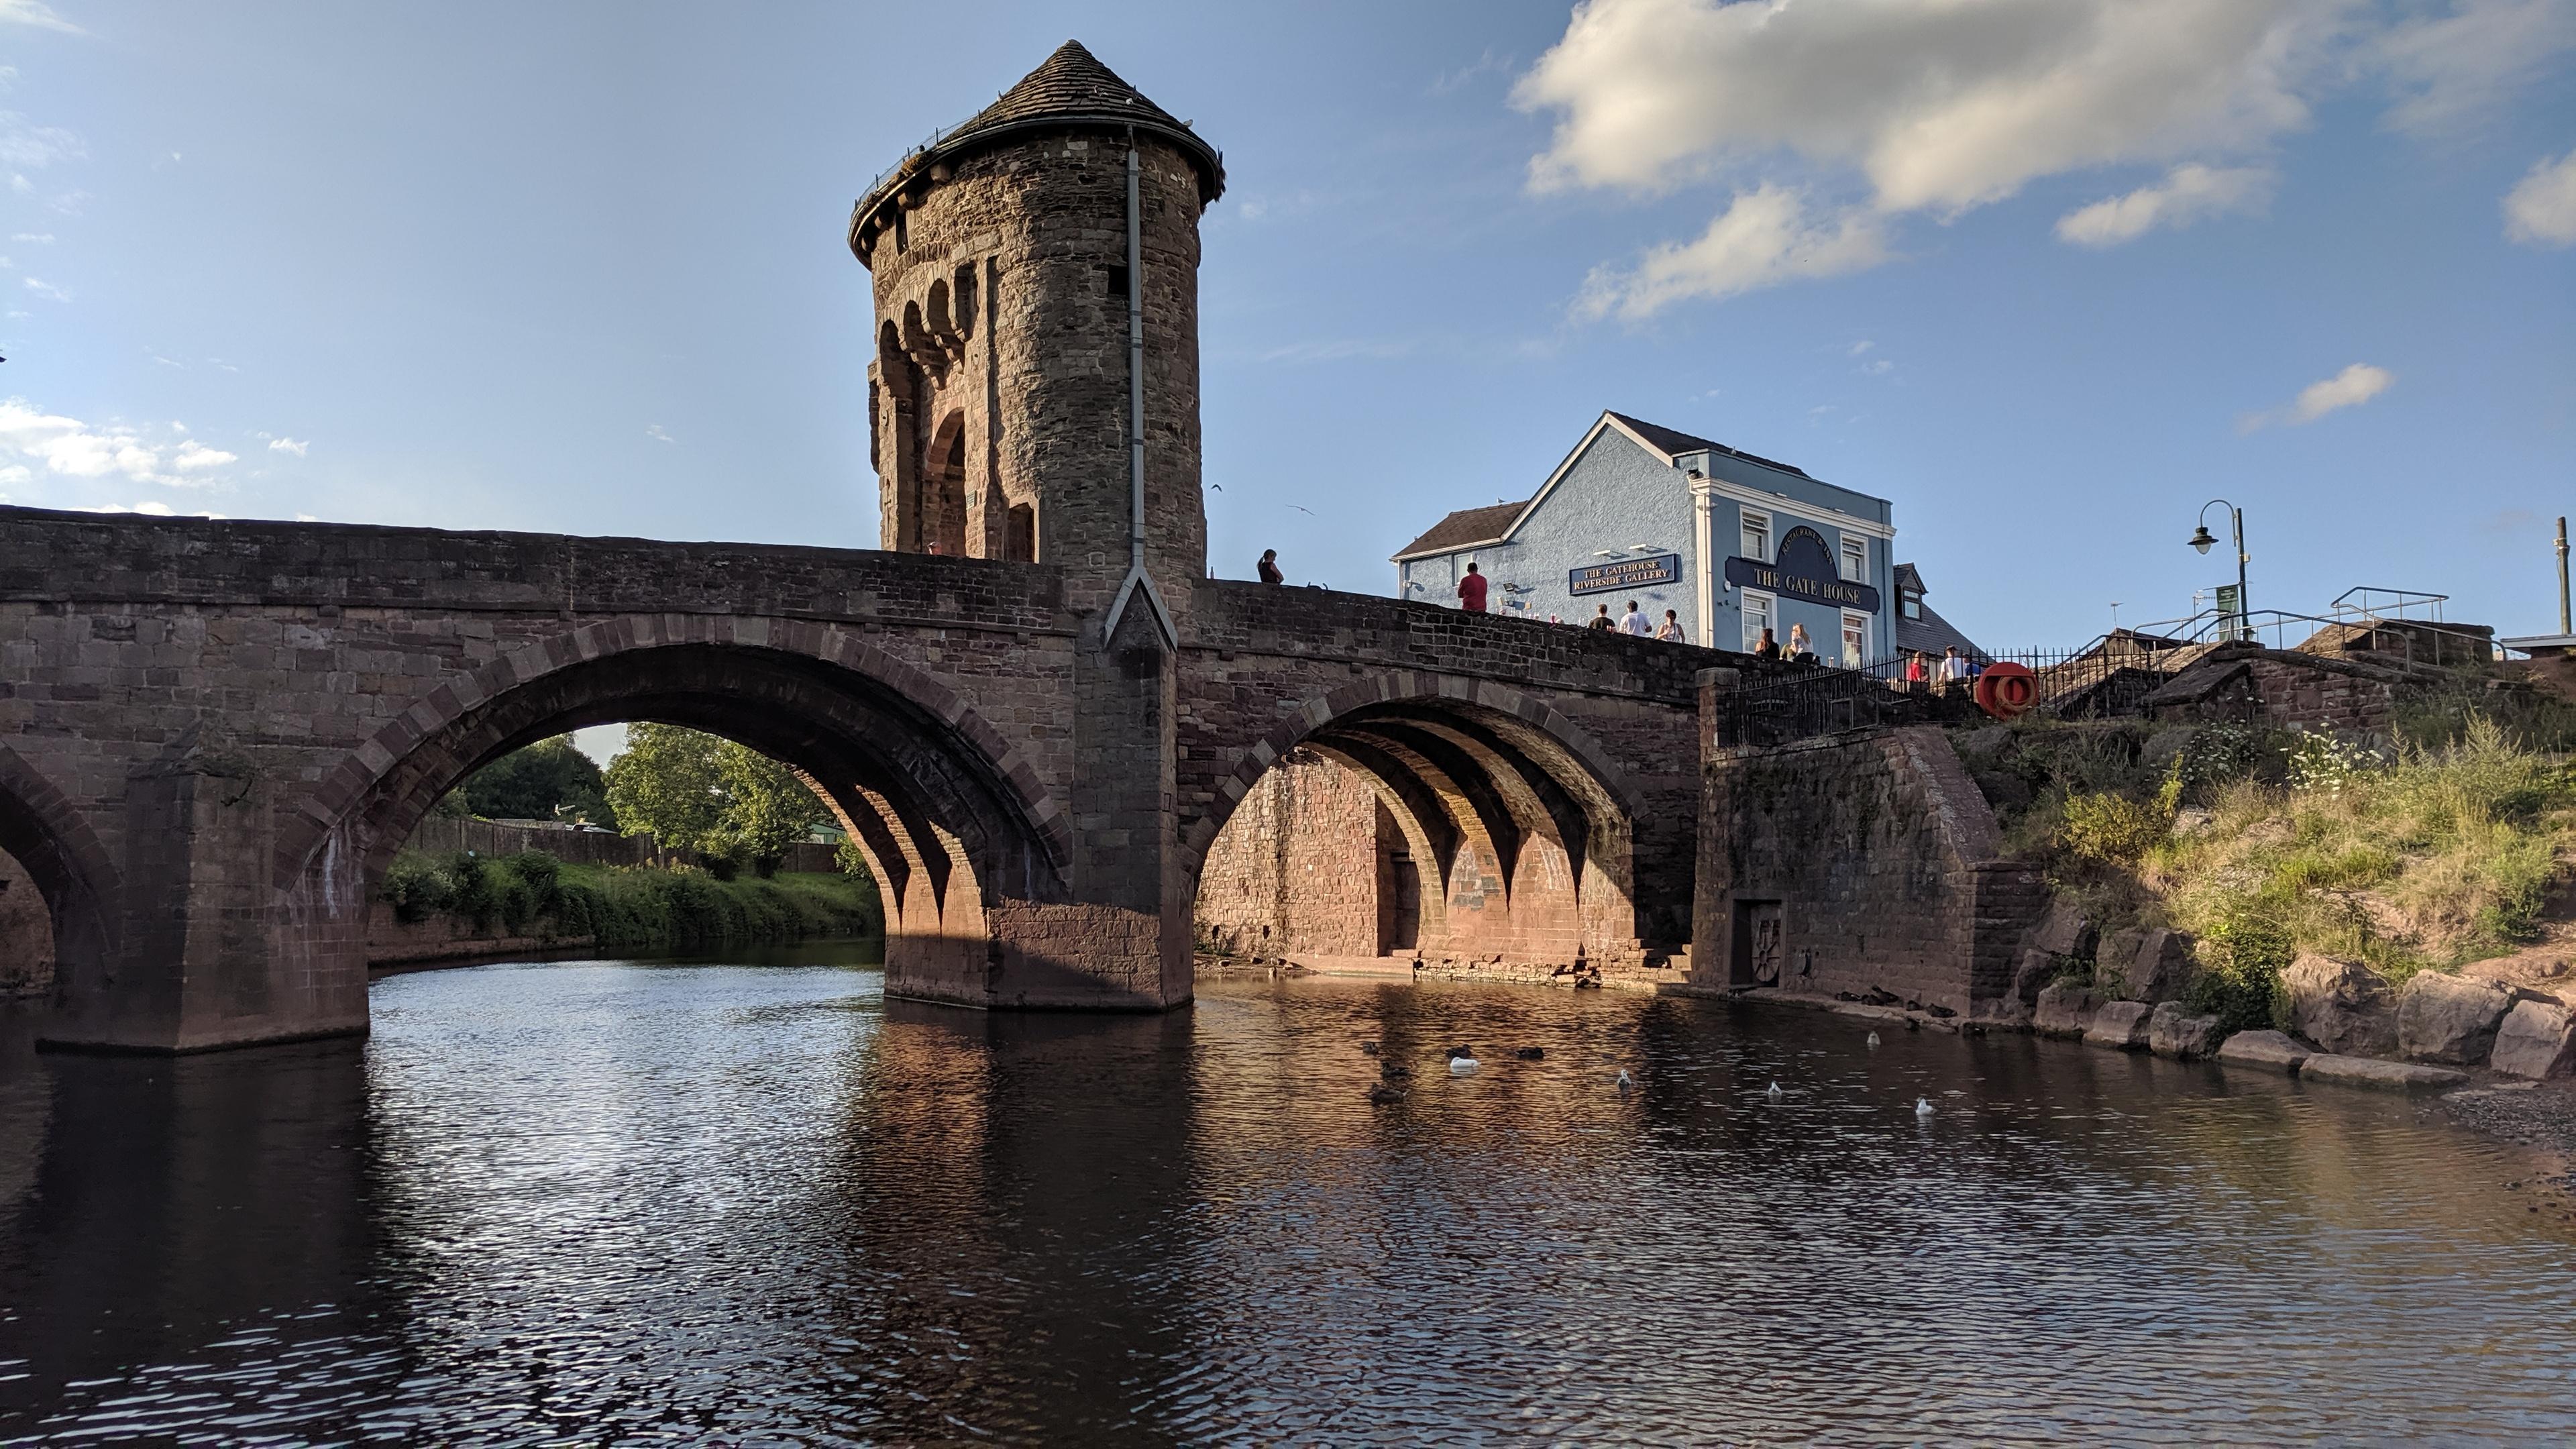 Monmouths Monnow Bridge, 2019